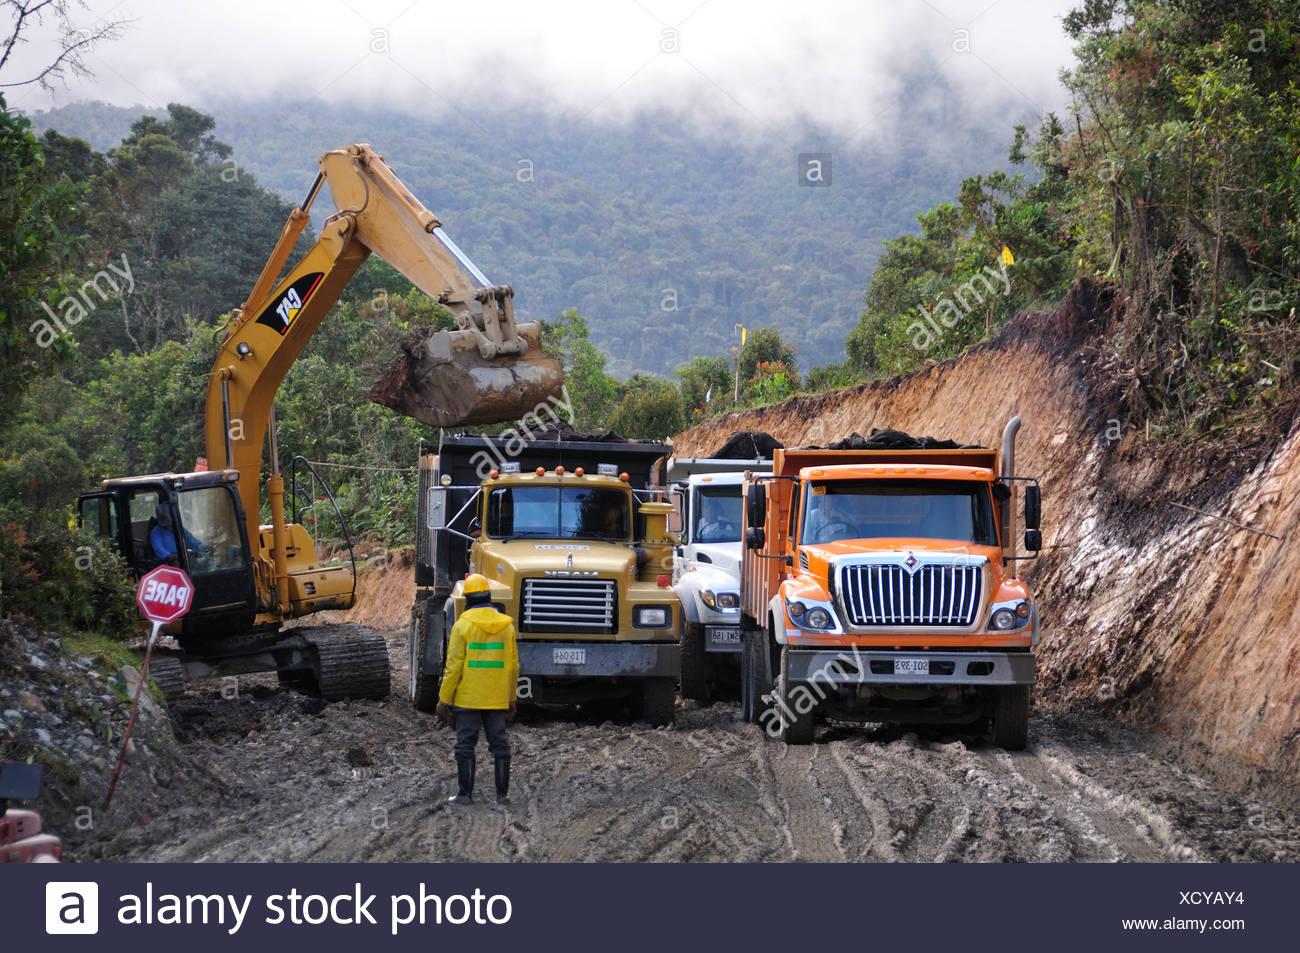 Carretera, construcción, tobogán, barro, Ruta, Totoro, Inza, Colombia, Sur America, trabajo, camiones Imagen De Stock